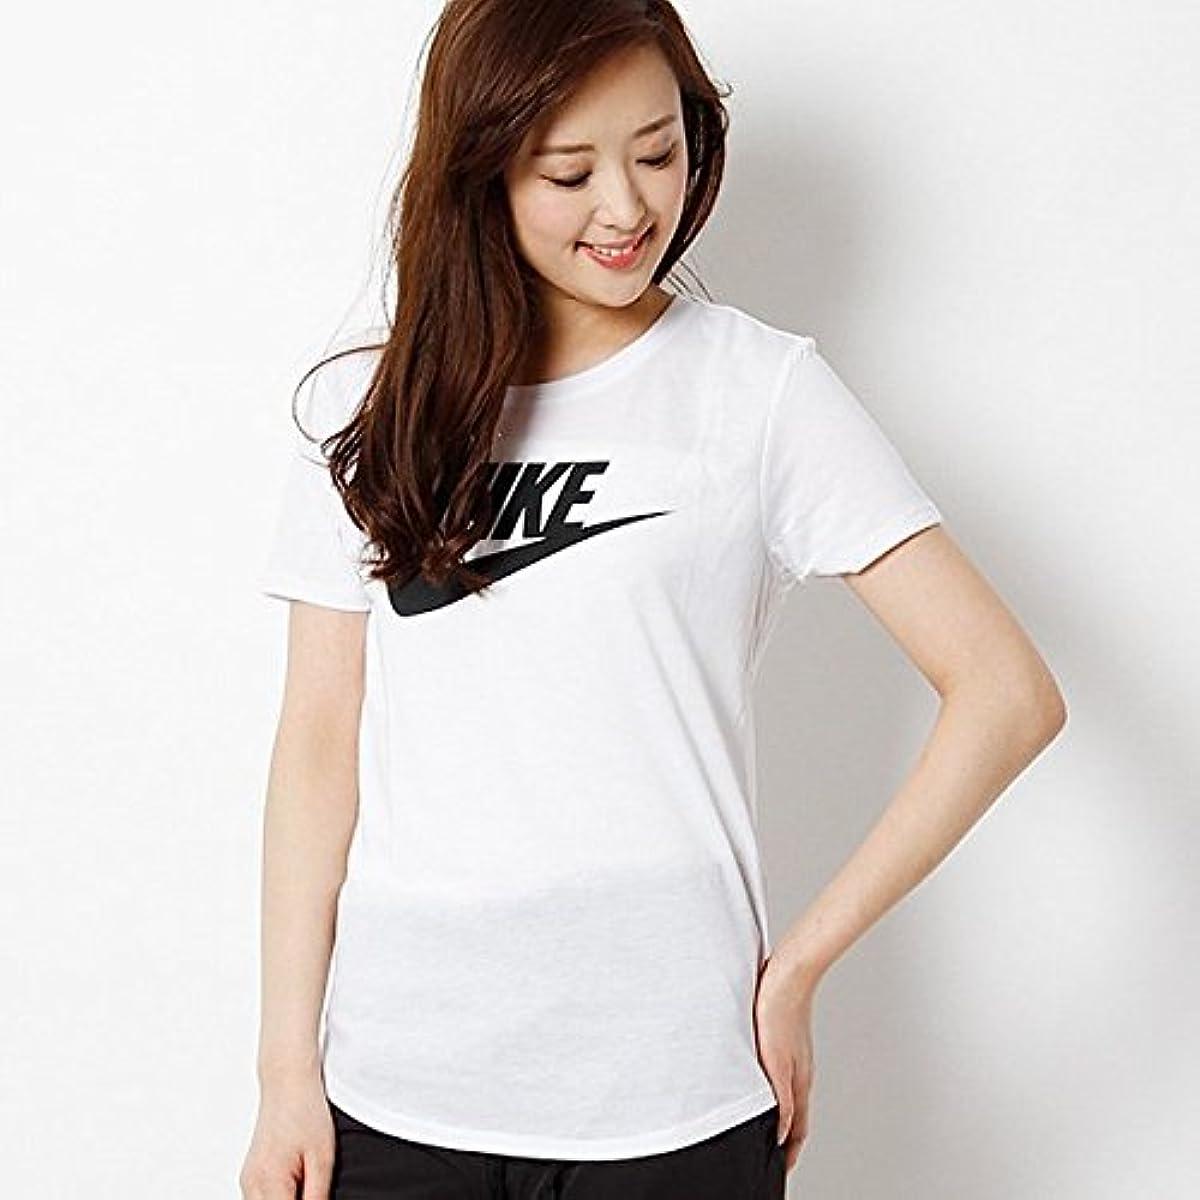 [해외] 나이키(nike 나이키) 【NIKE/나이키】레이디스T셔츠(나이키 퓨투라 아이콘 T셔츠)